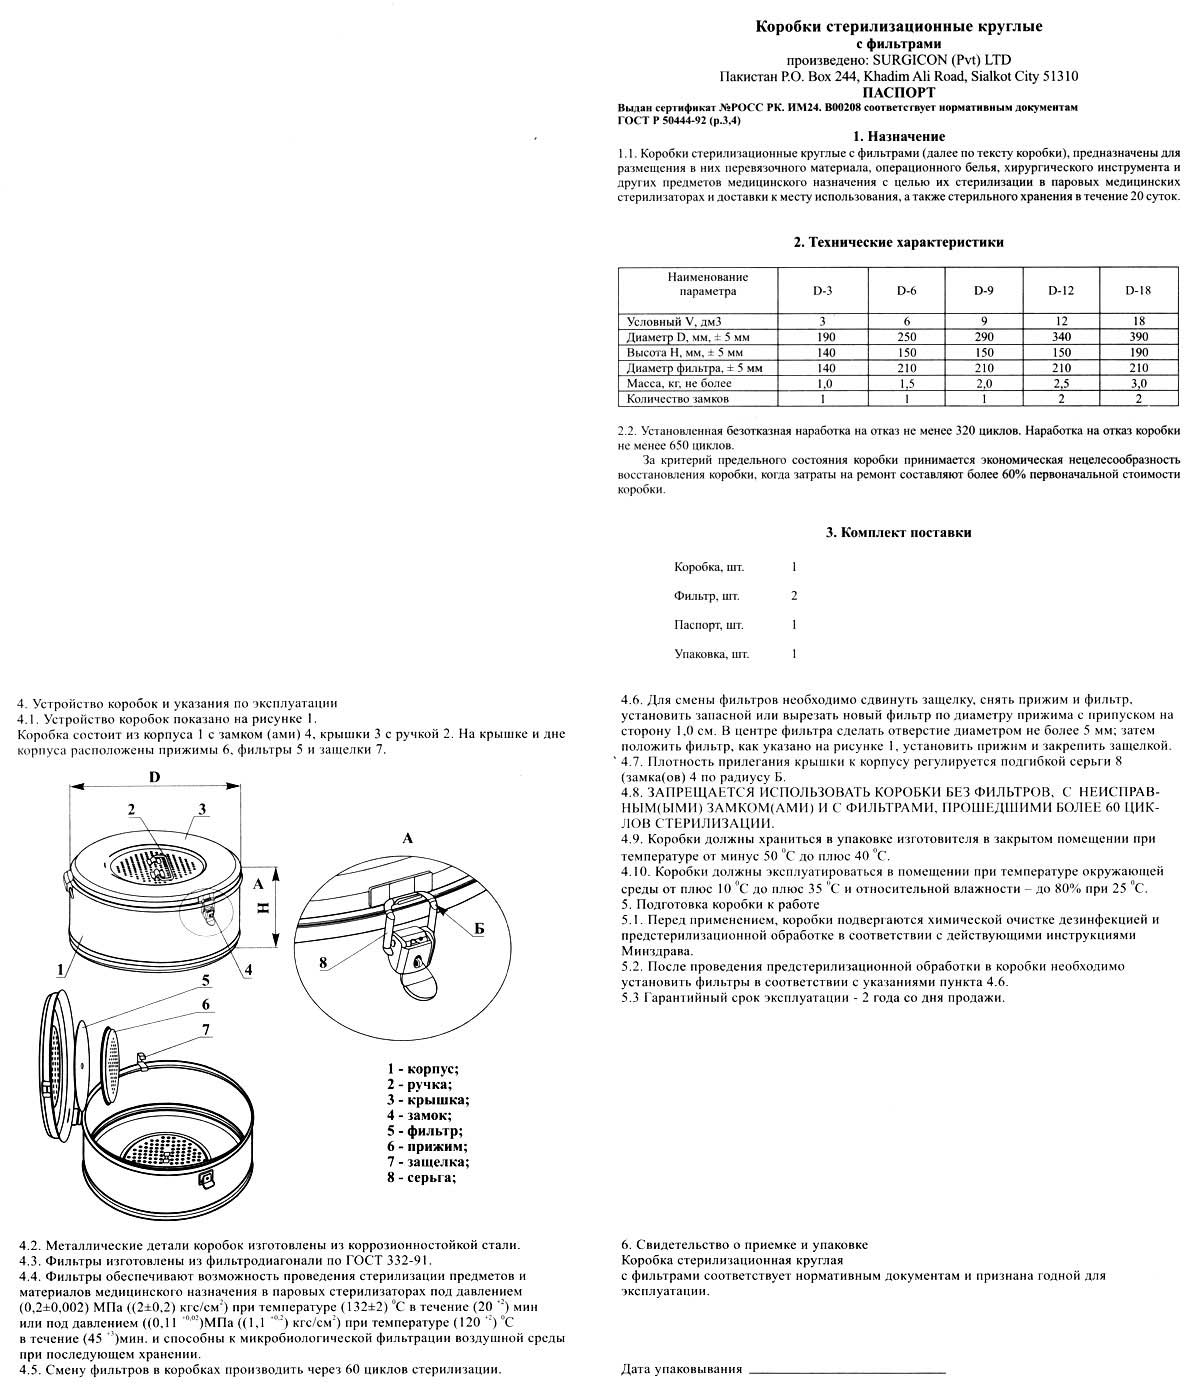 Инструкция По Пользованию Стерильным Столом Панмед